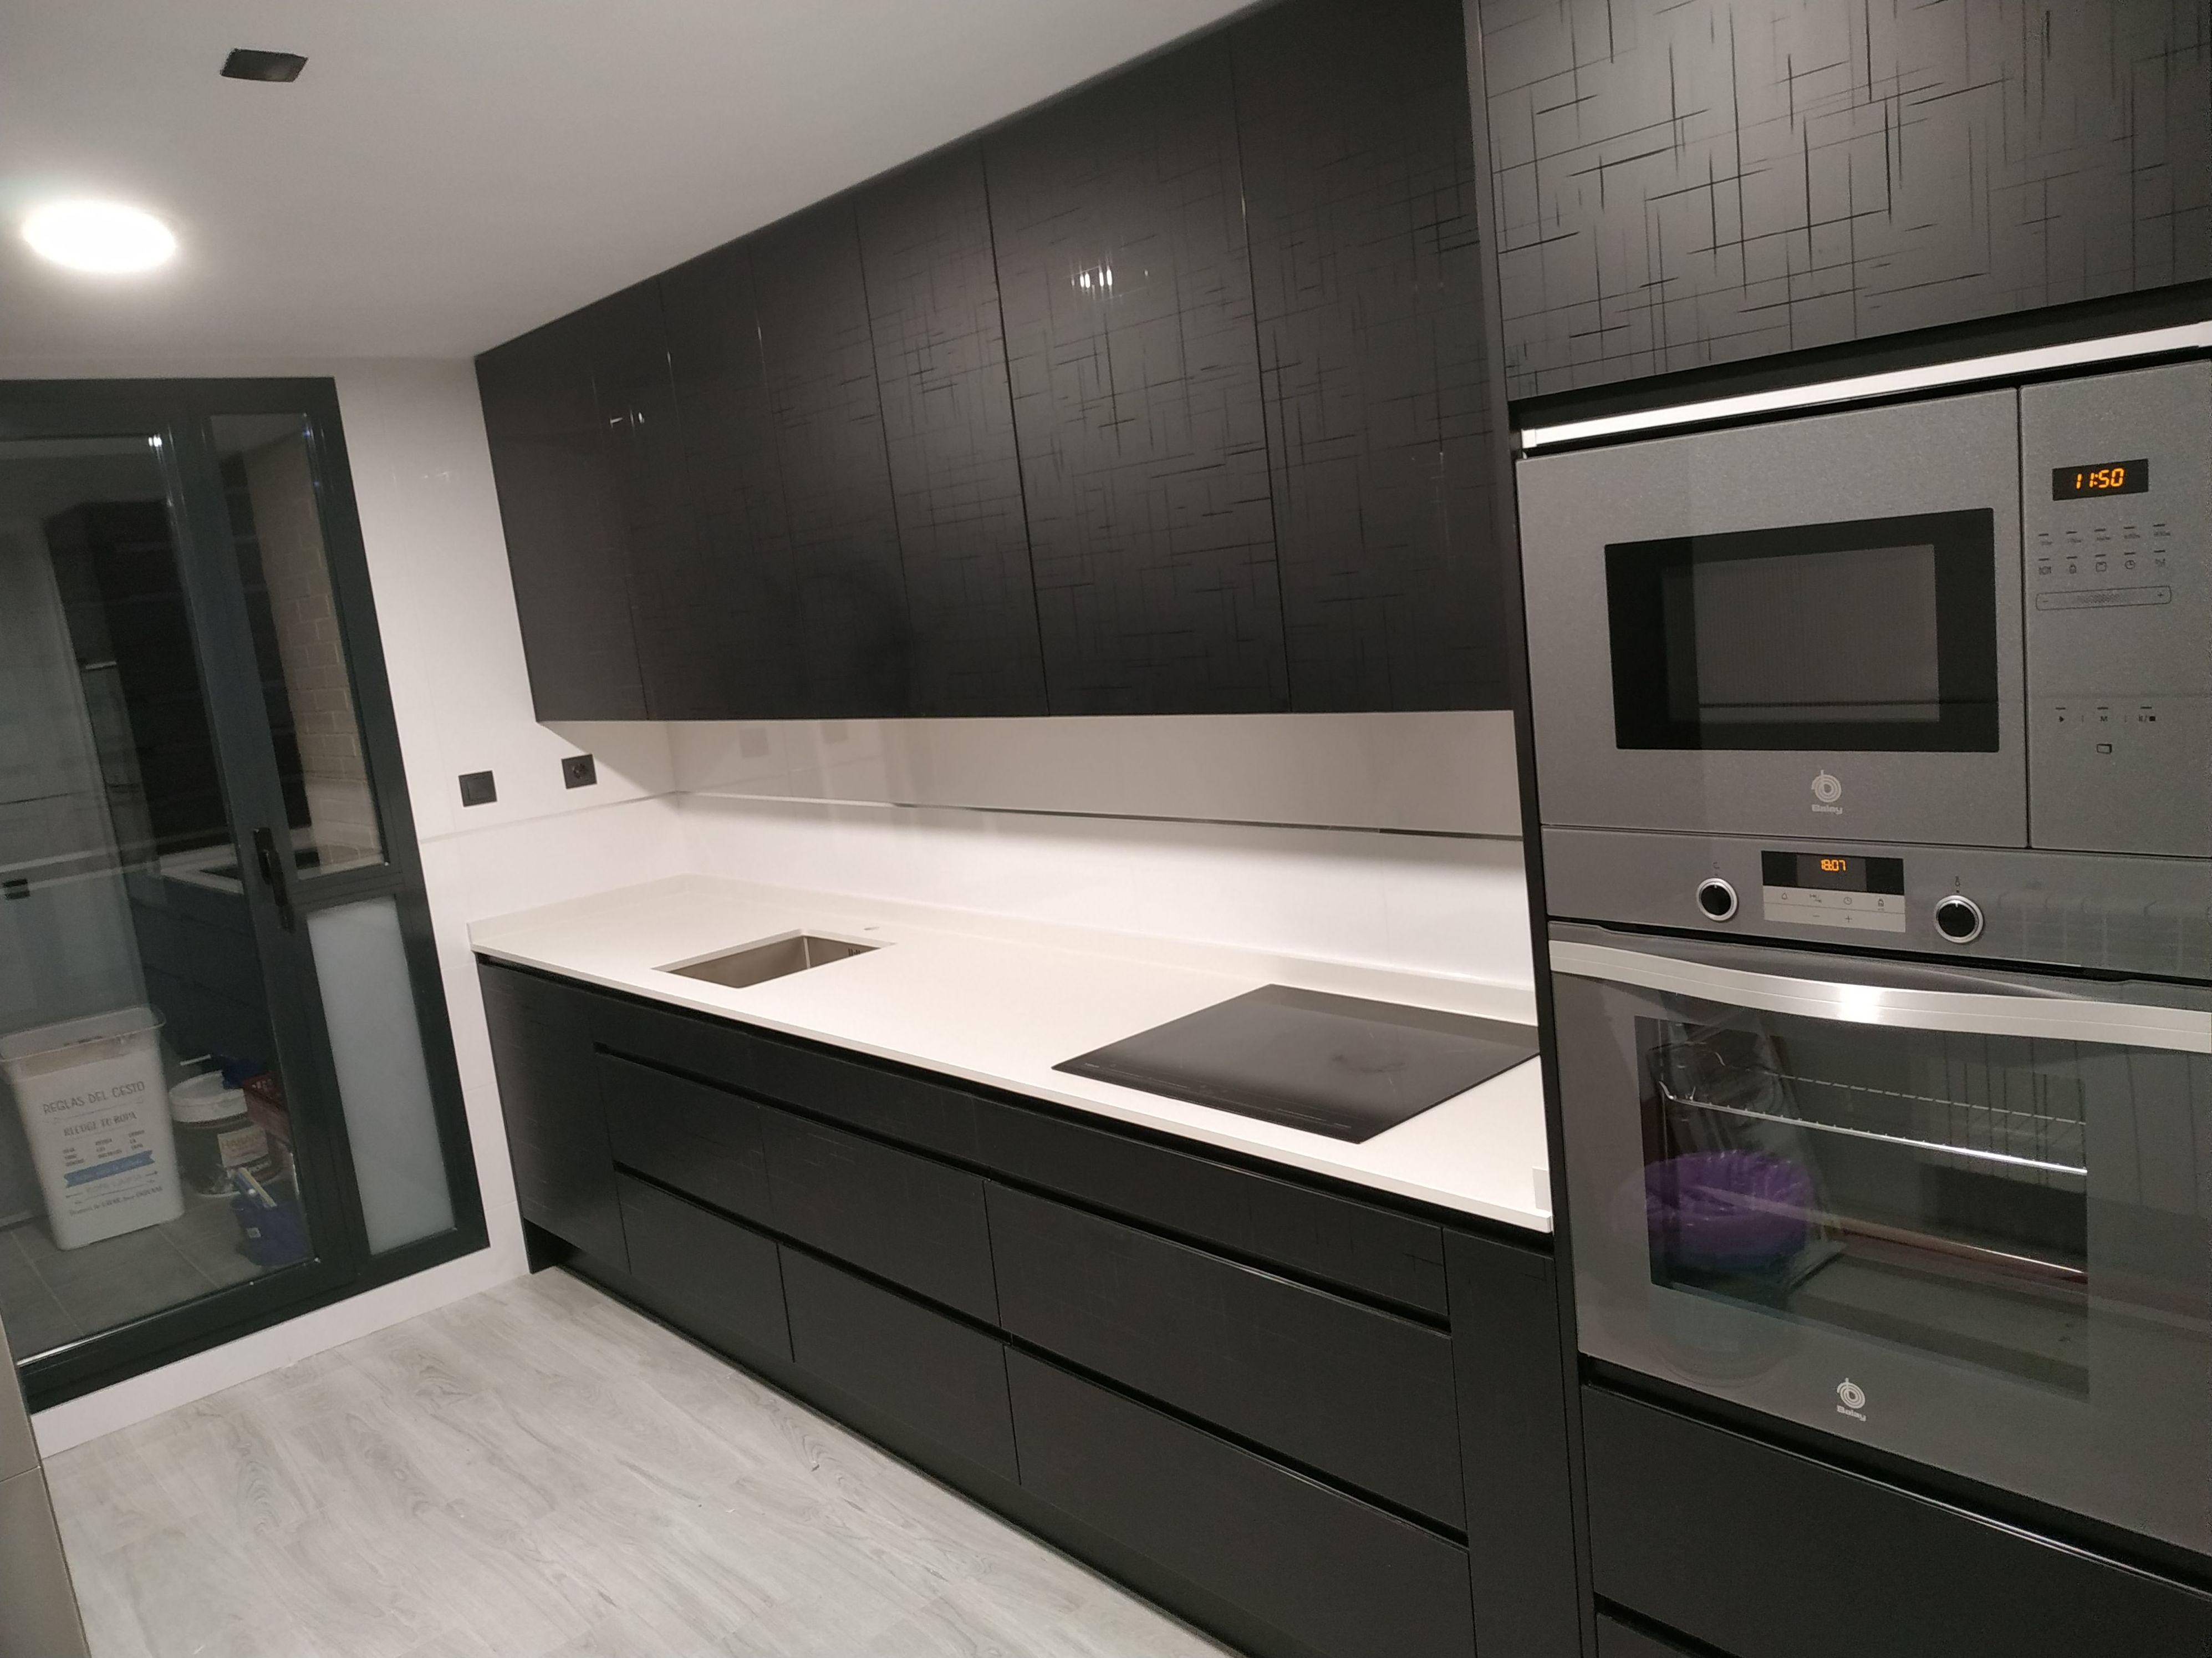 Foto 14 de Especialistas en instalación de cocinas en Humanes de Madrid | Cocinas y Montajes Vos